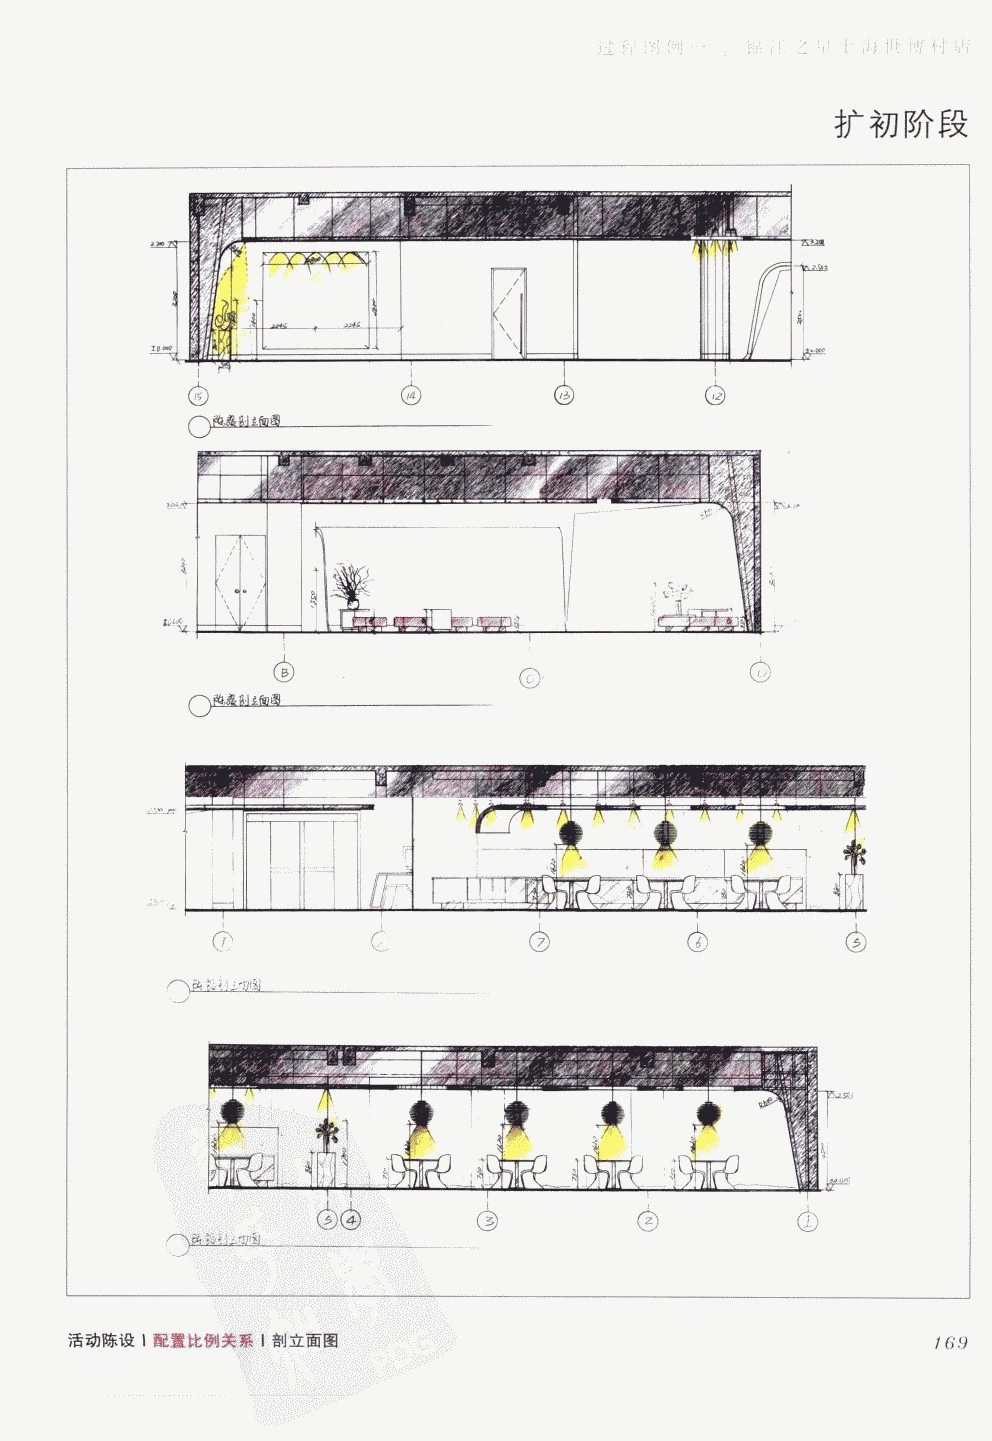 室内设计纲要++概念思考与过程表达_室内设计纲要  概念思考与过程表达_1297982..._页面_177.jpg